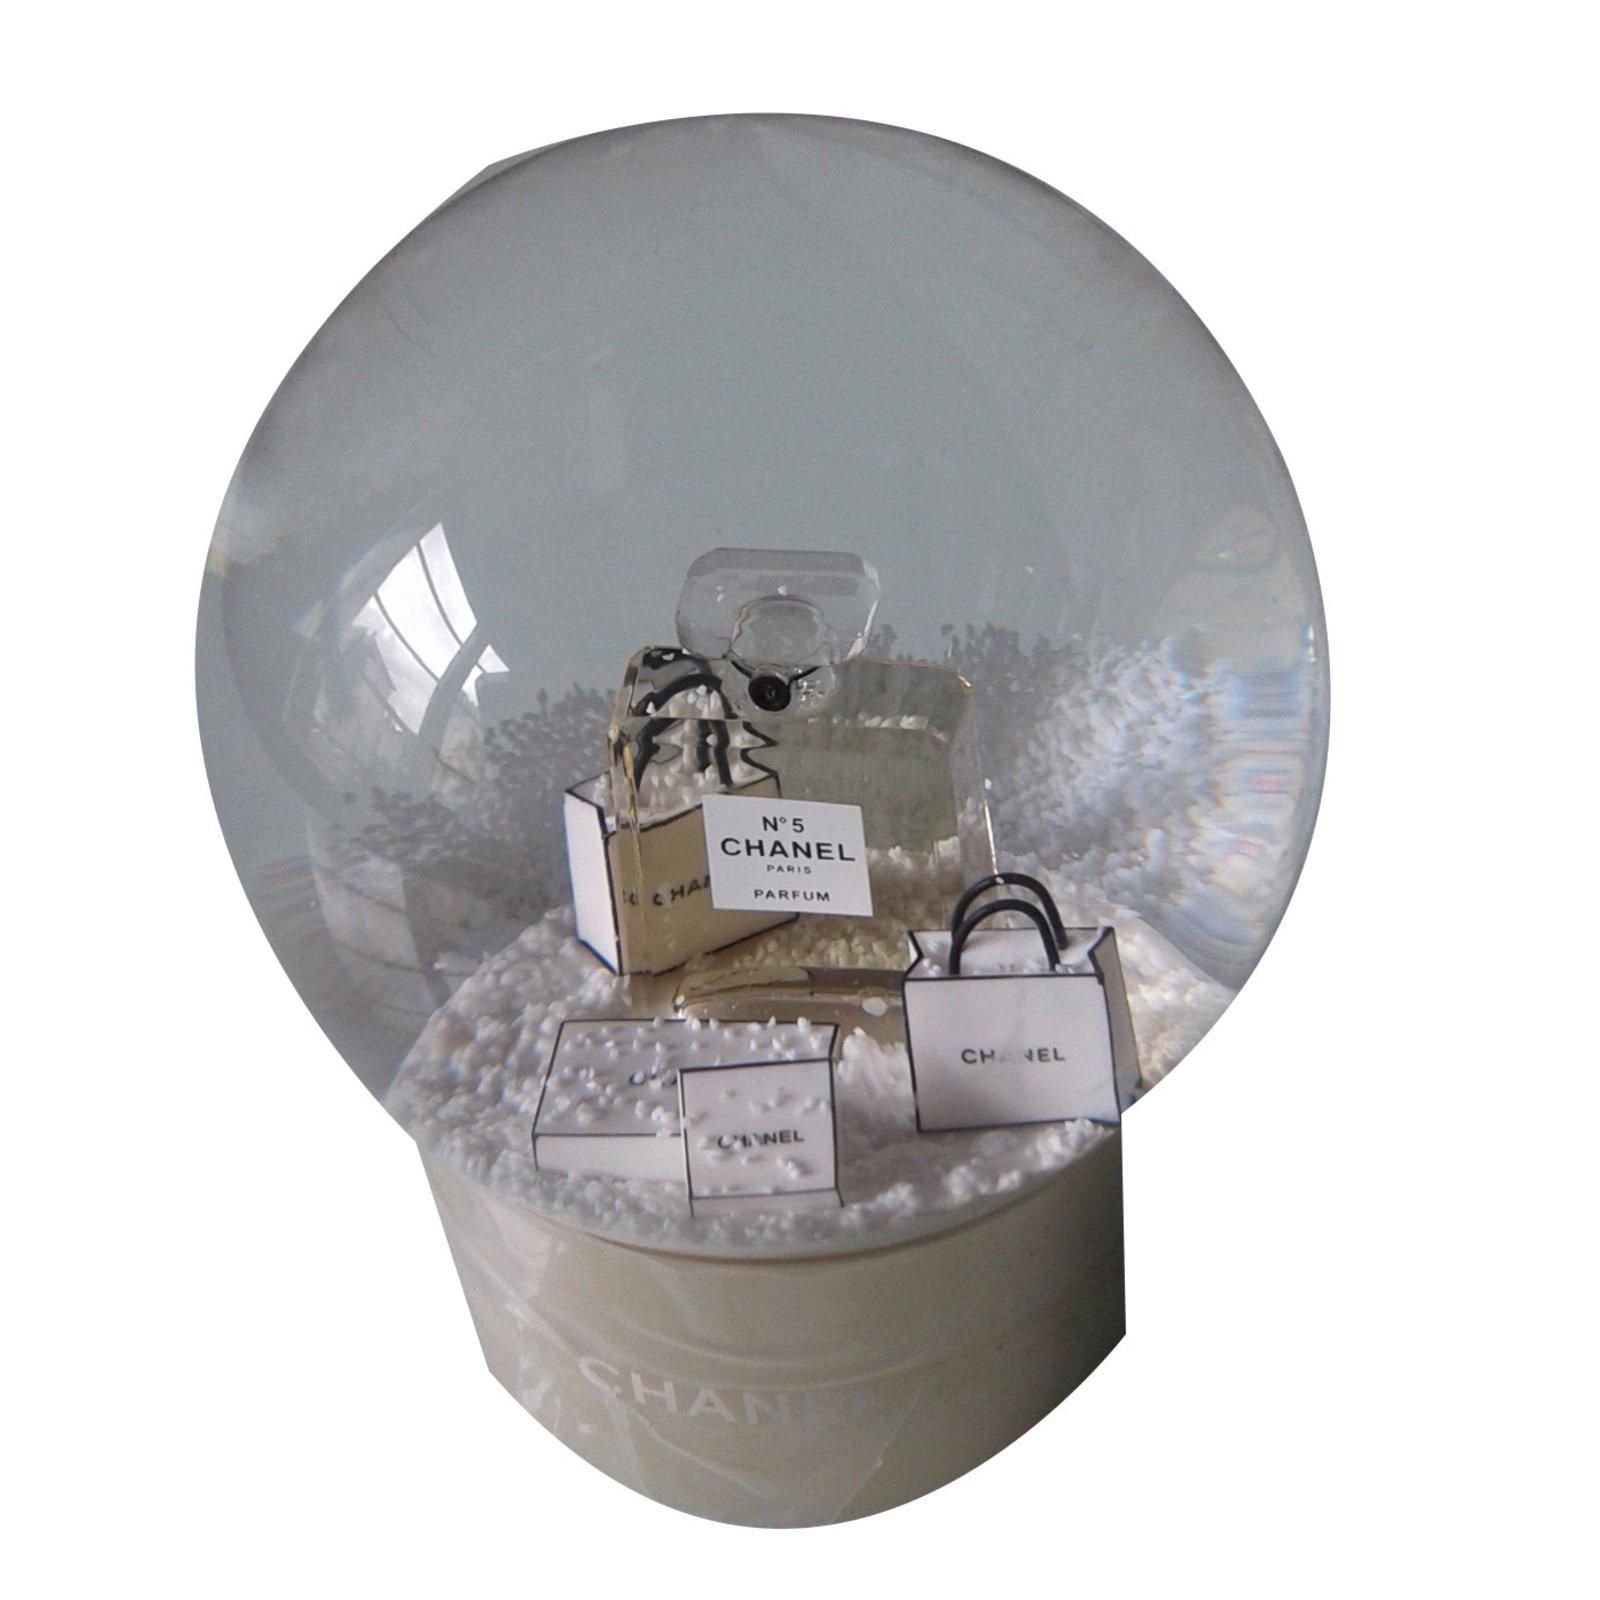 cadeaux vip chanel boule neige autre dor. Black Bedroom Furniture Sets. Home Design Ideas